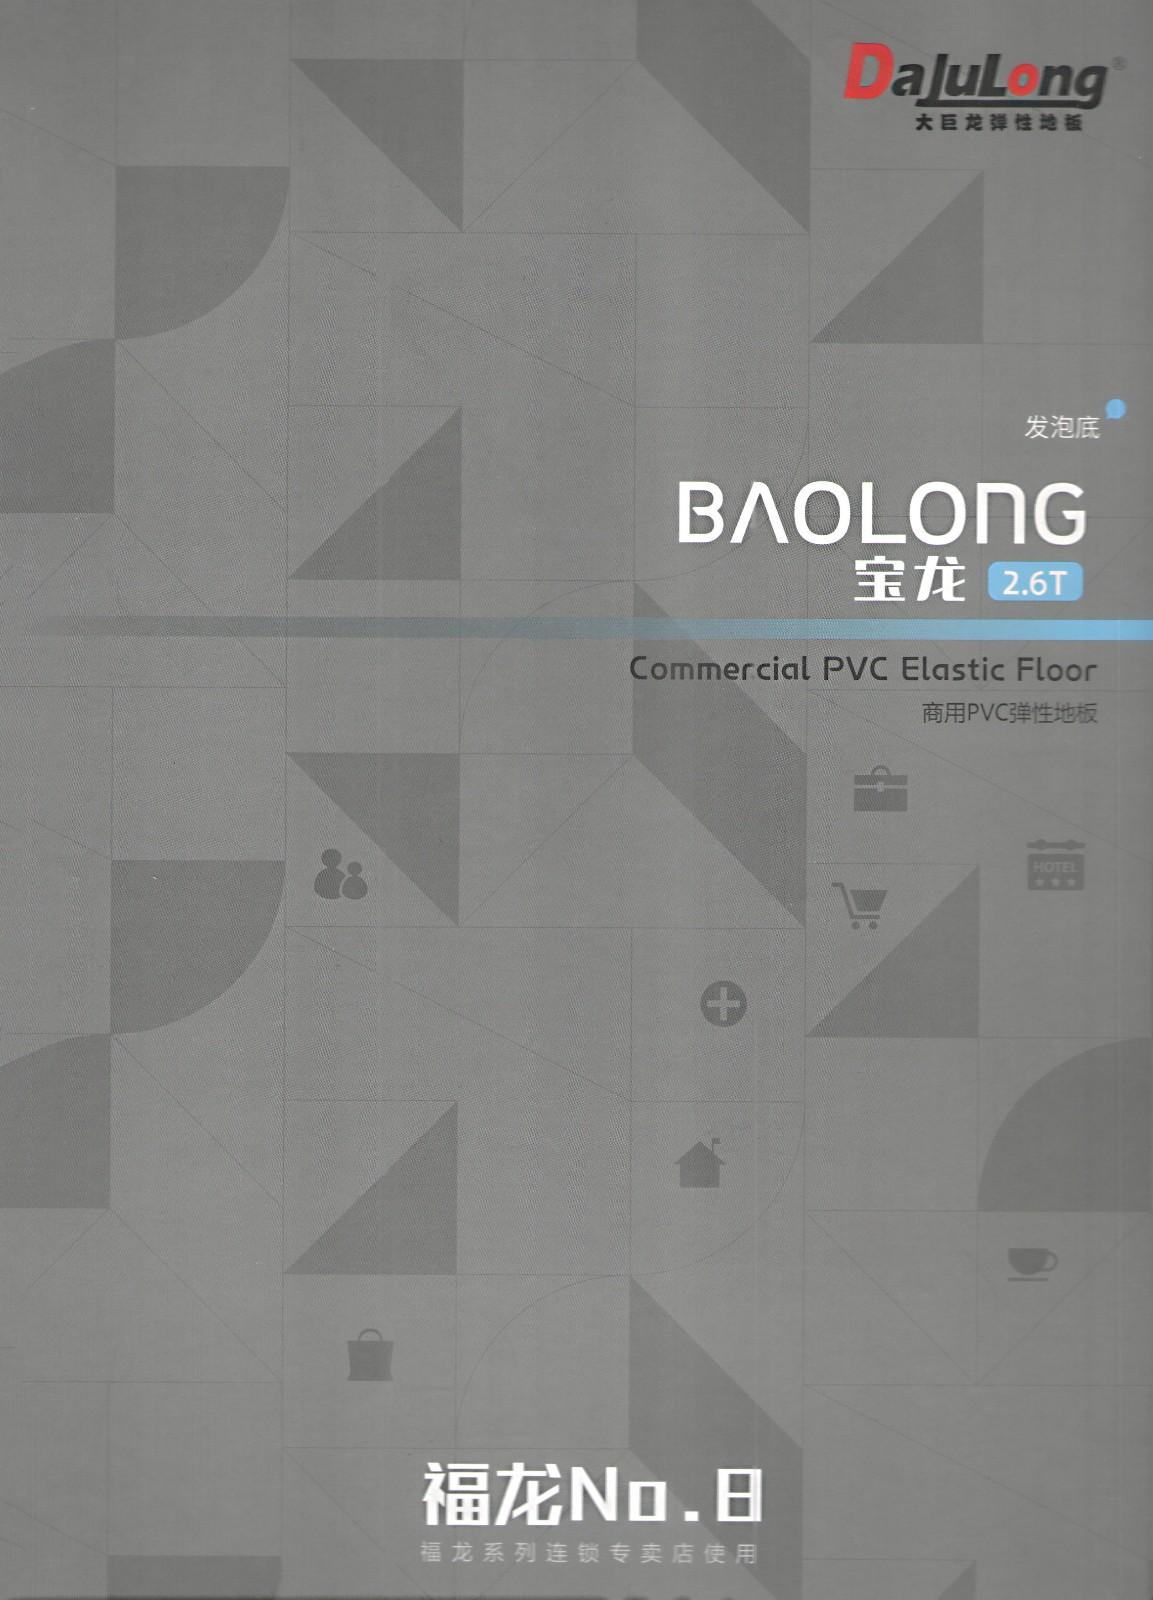 福龙NO.8宝龙PVC地板|福龙系列-陕西棋牌挣钱建材有限责任公司